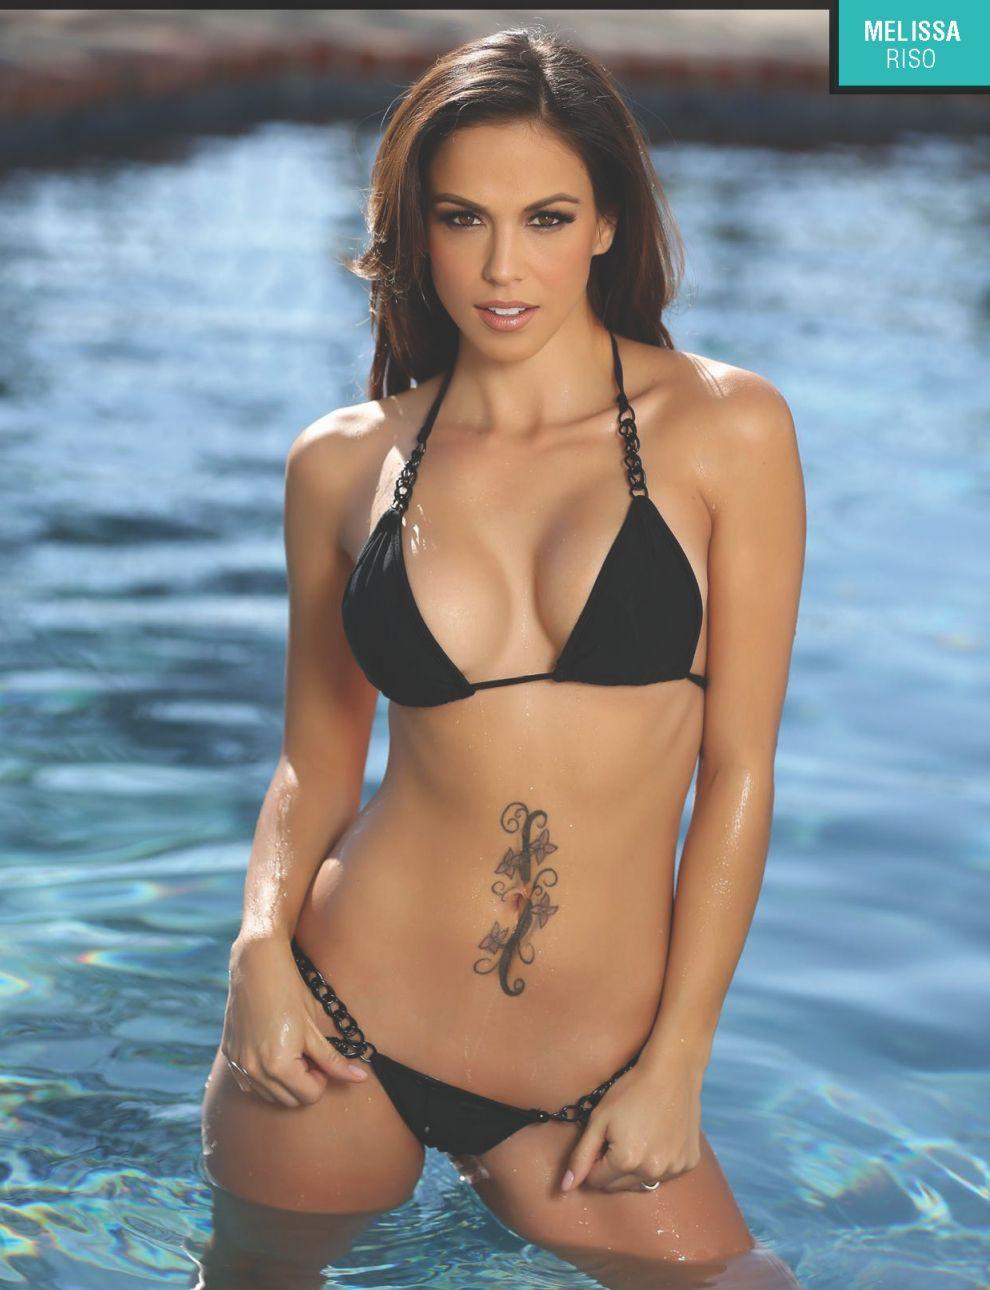 2ff8de98ed Melissa Riso Most Beautiful Models